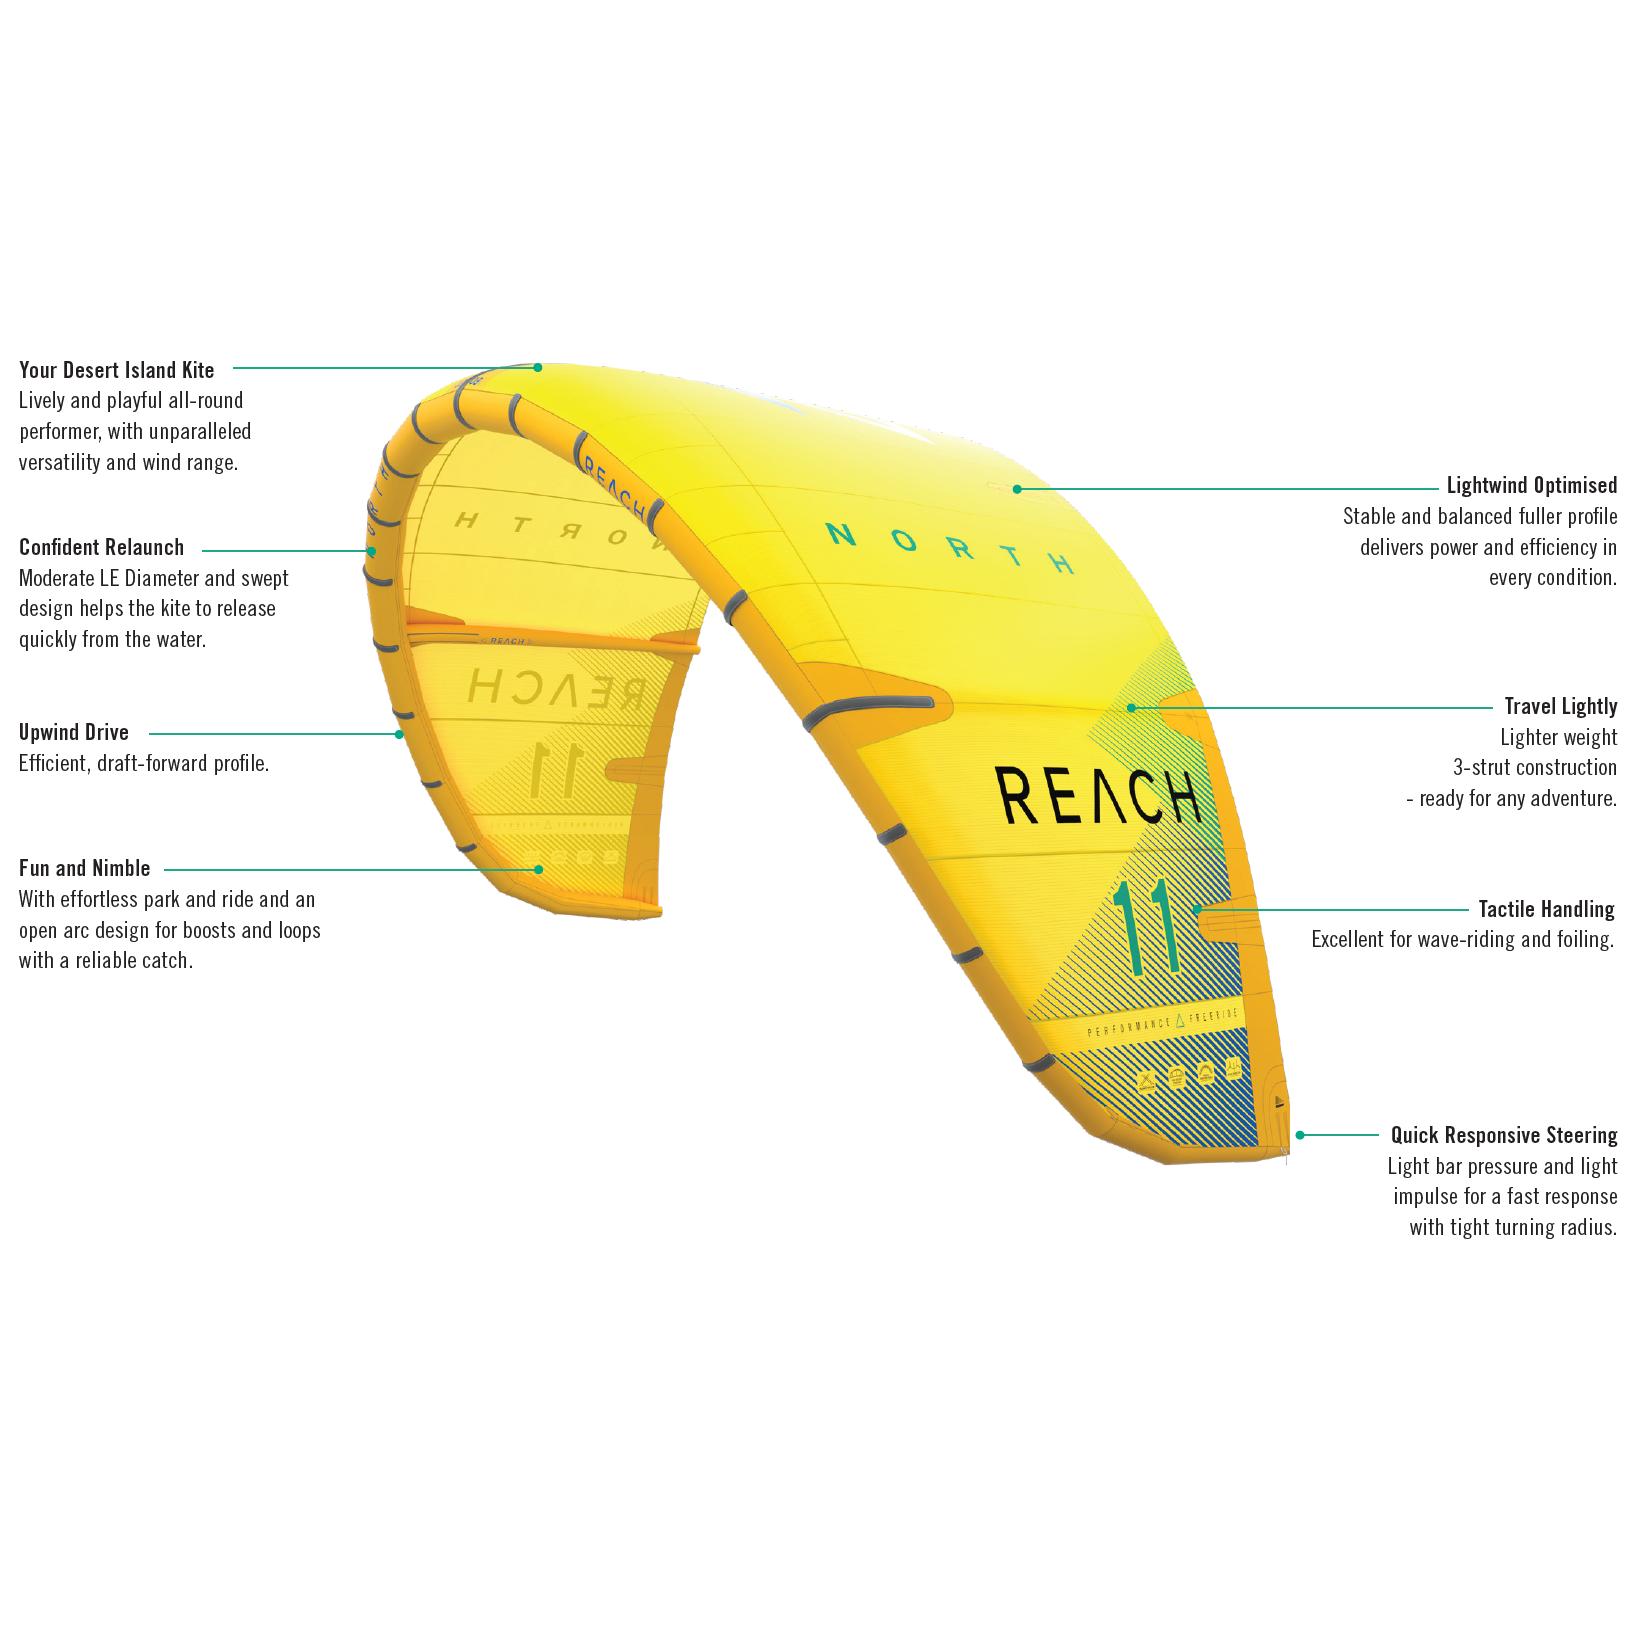 North Reach Kite 2020